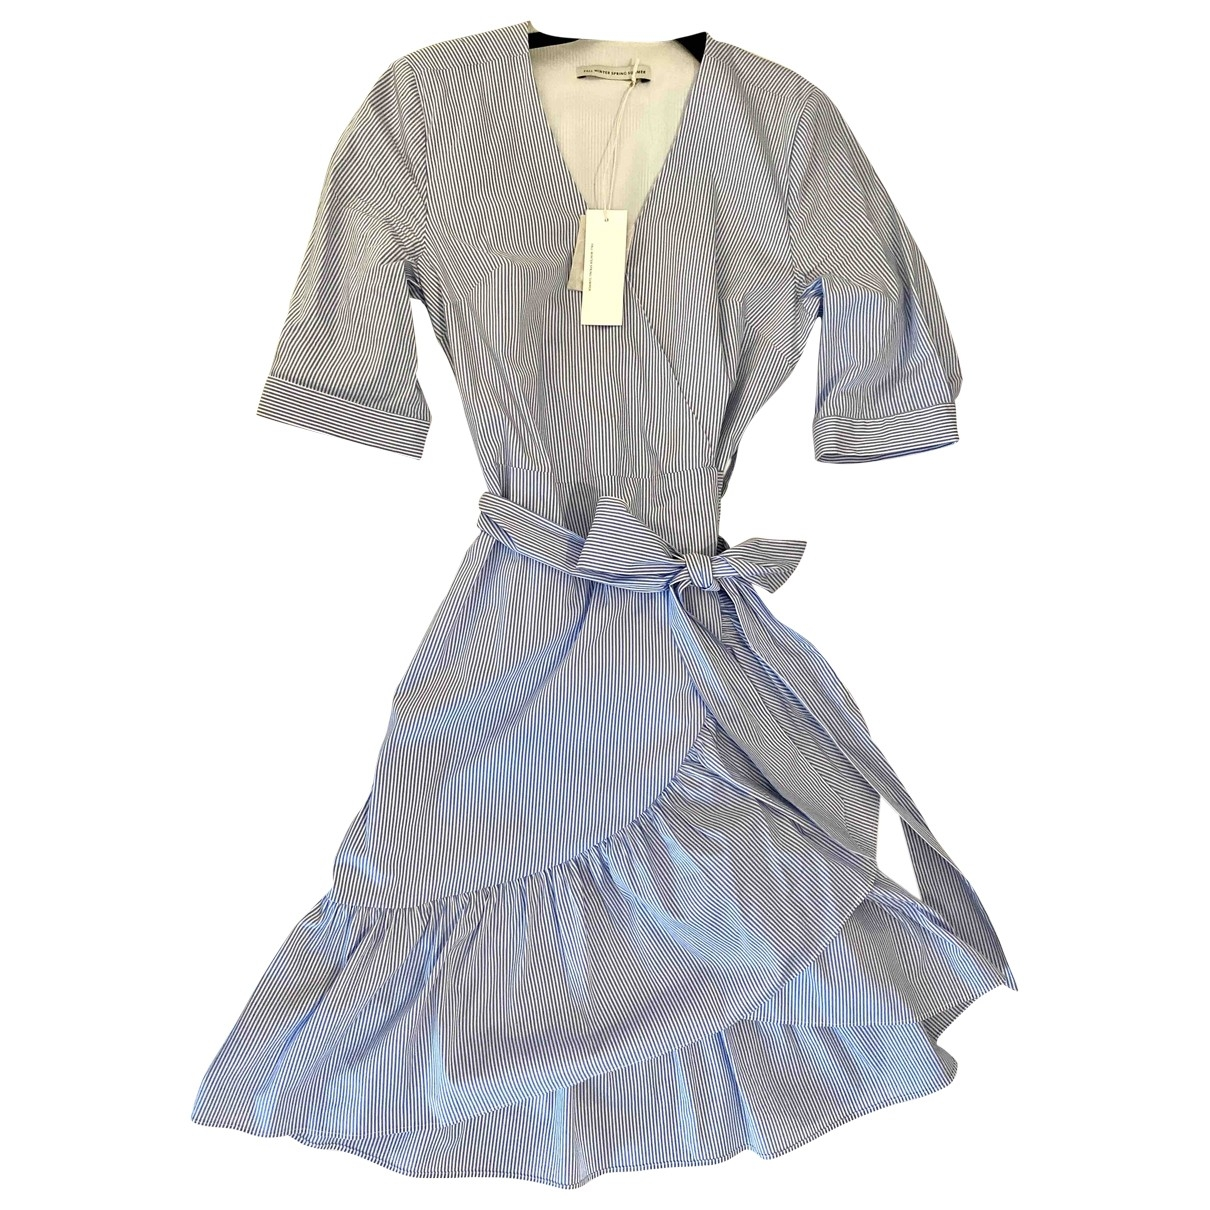 Fallwinterspringsummer \N Blue Cotton dress for Women XS International